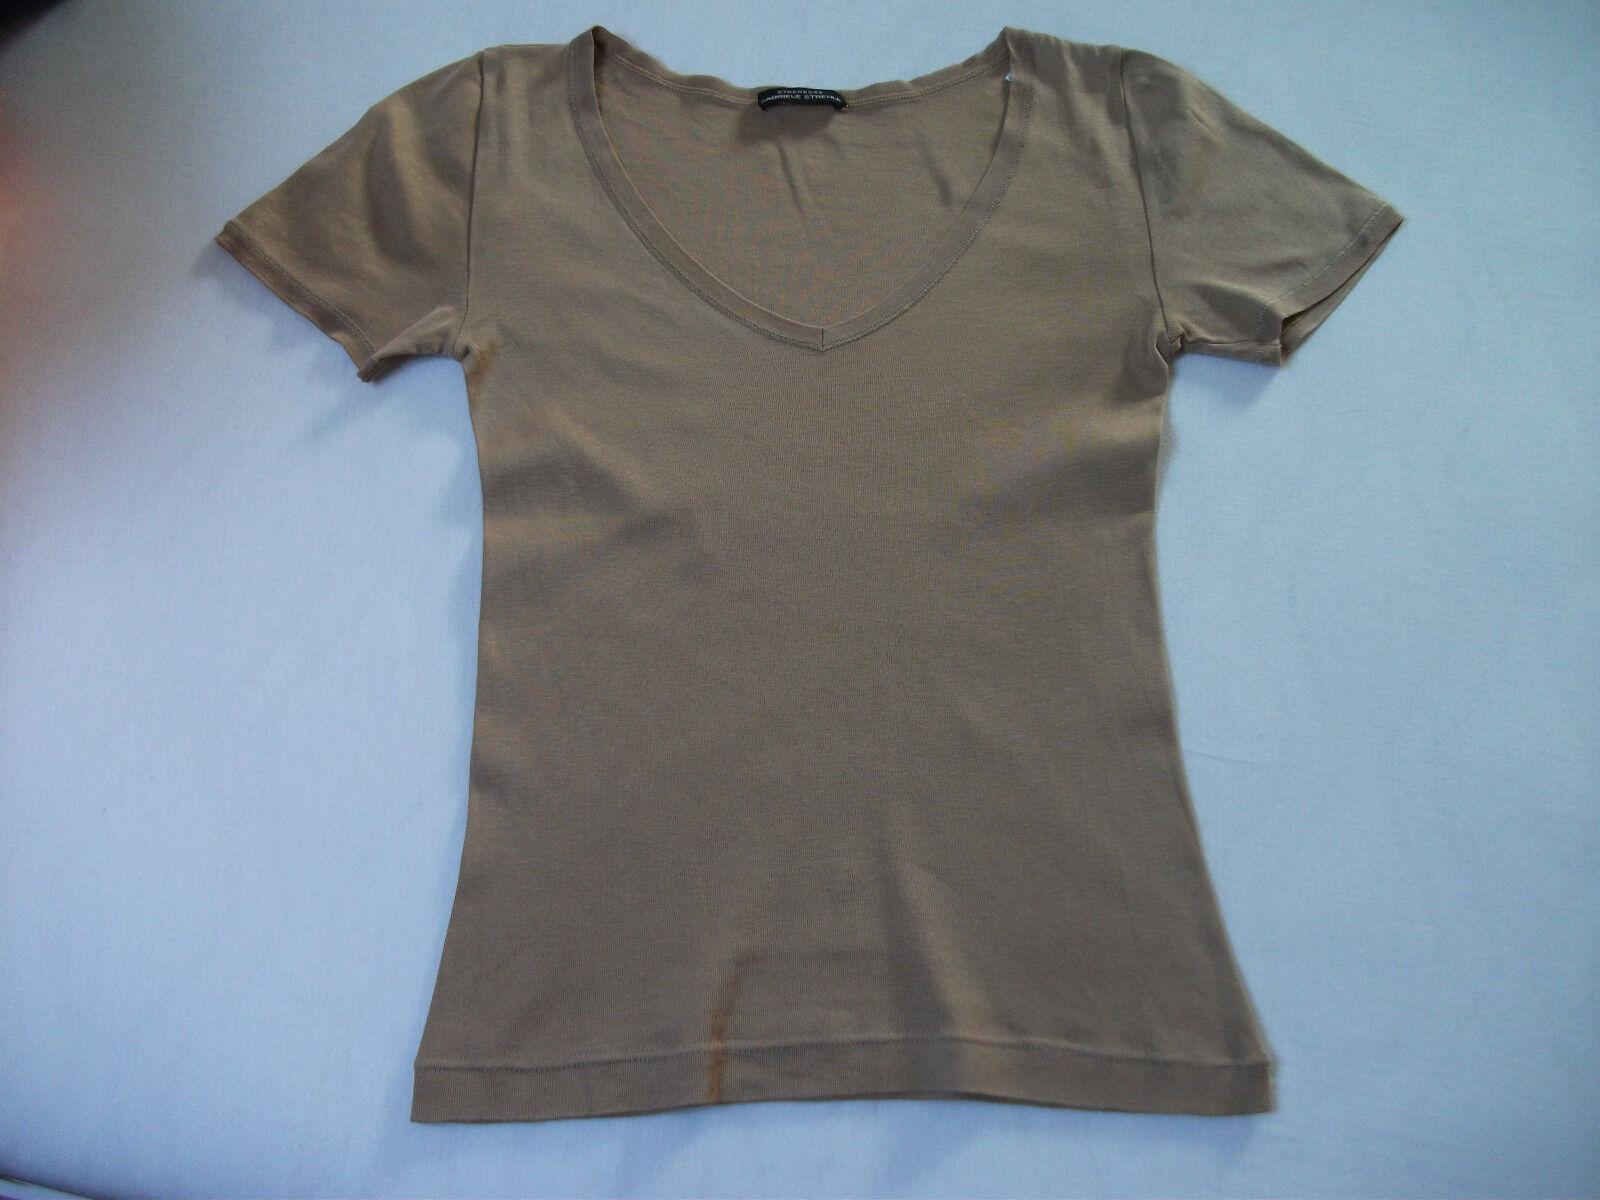 Orig. STRENESSE - exklusives anspruchsvolles,tailliertes Shirt Gr. 34 neuw.  | Economy  | Offizielle Webseite  | In hohem Grade geschätzt und weit vertrautes herein und heraus  | Mittlere Kosten  | Spezielle Funktion